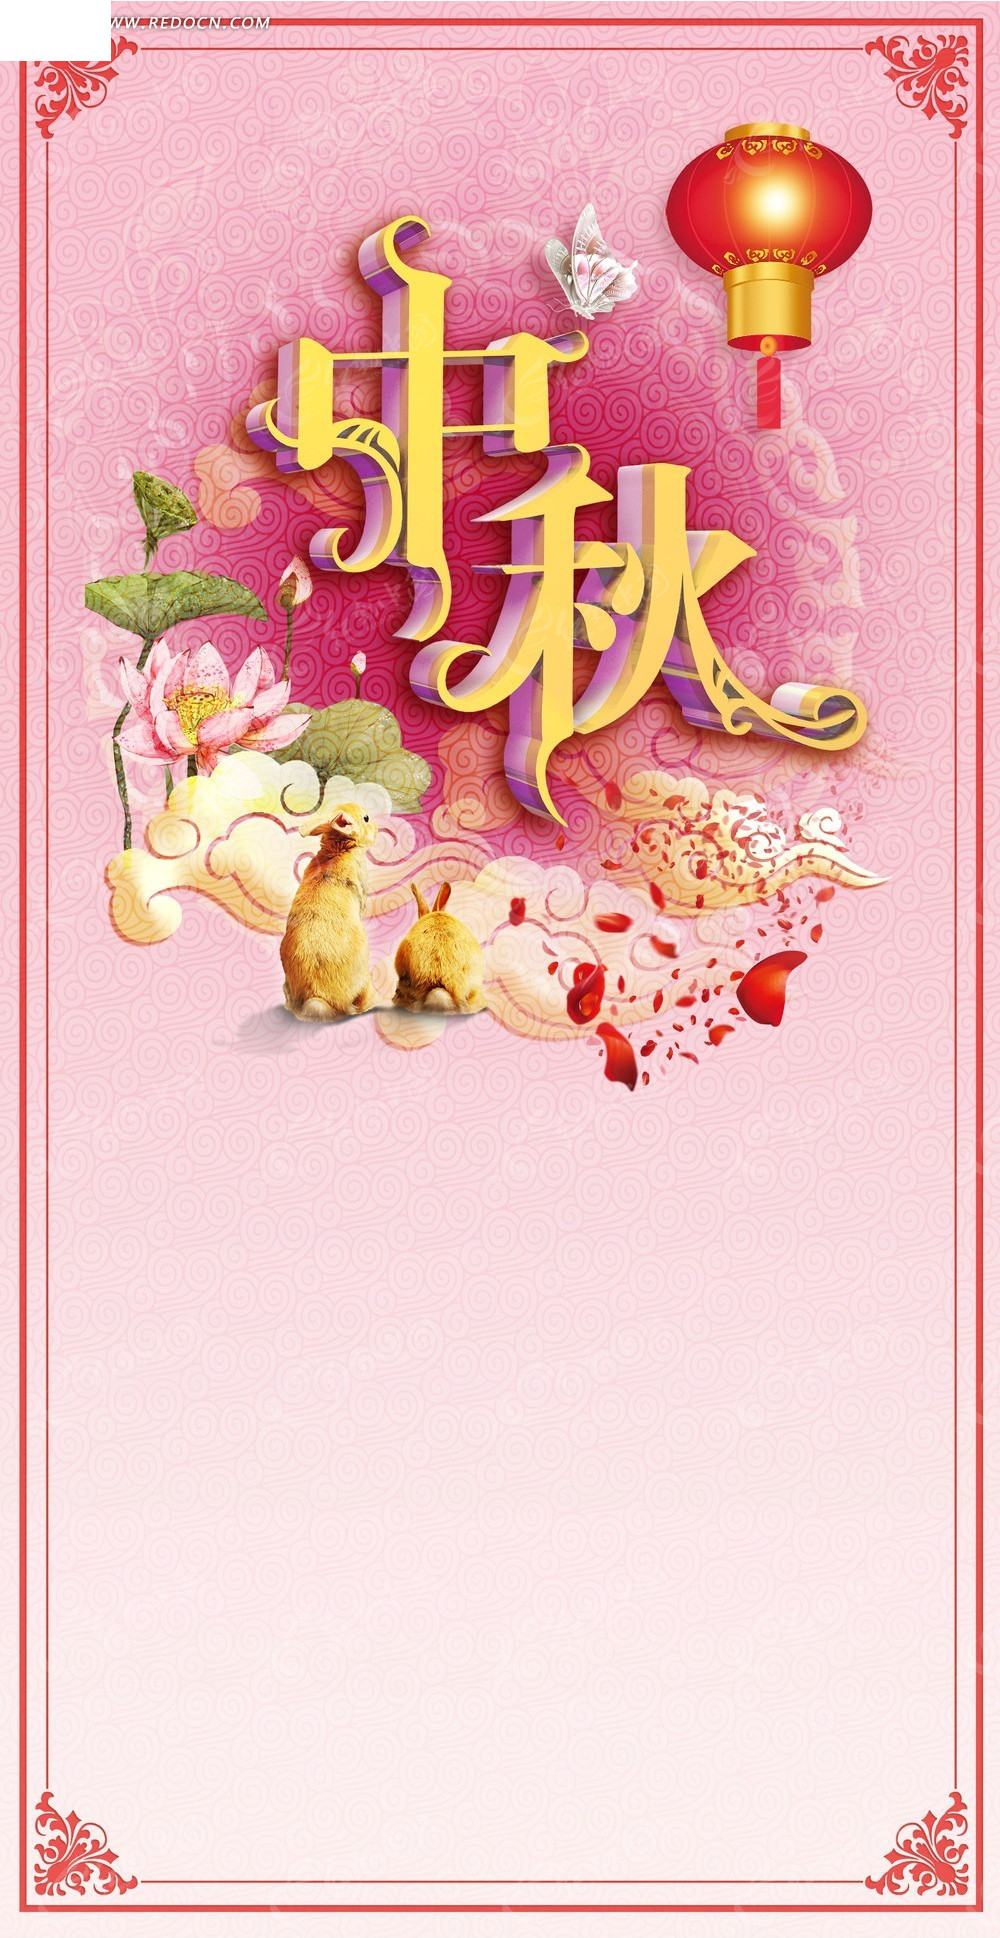 中秋节海报背景素材图片